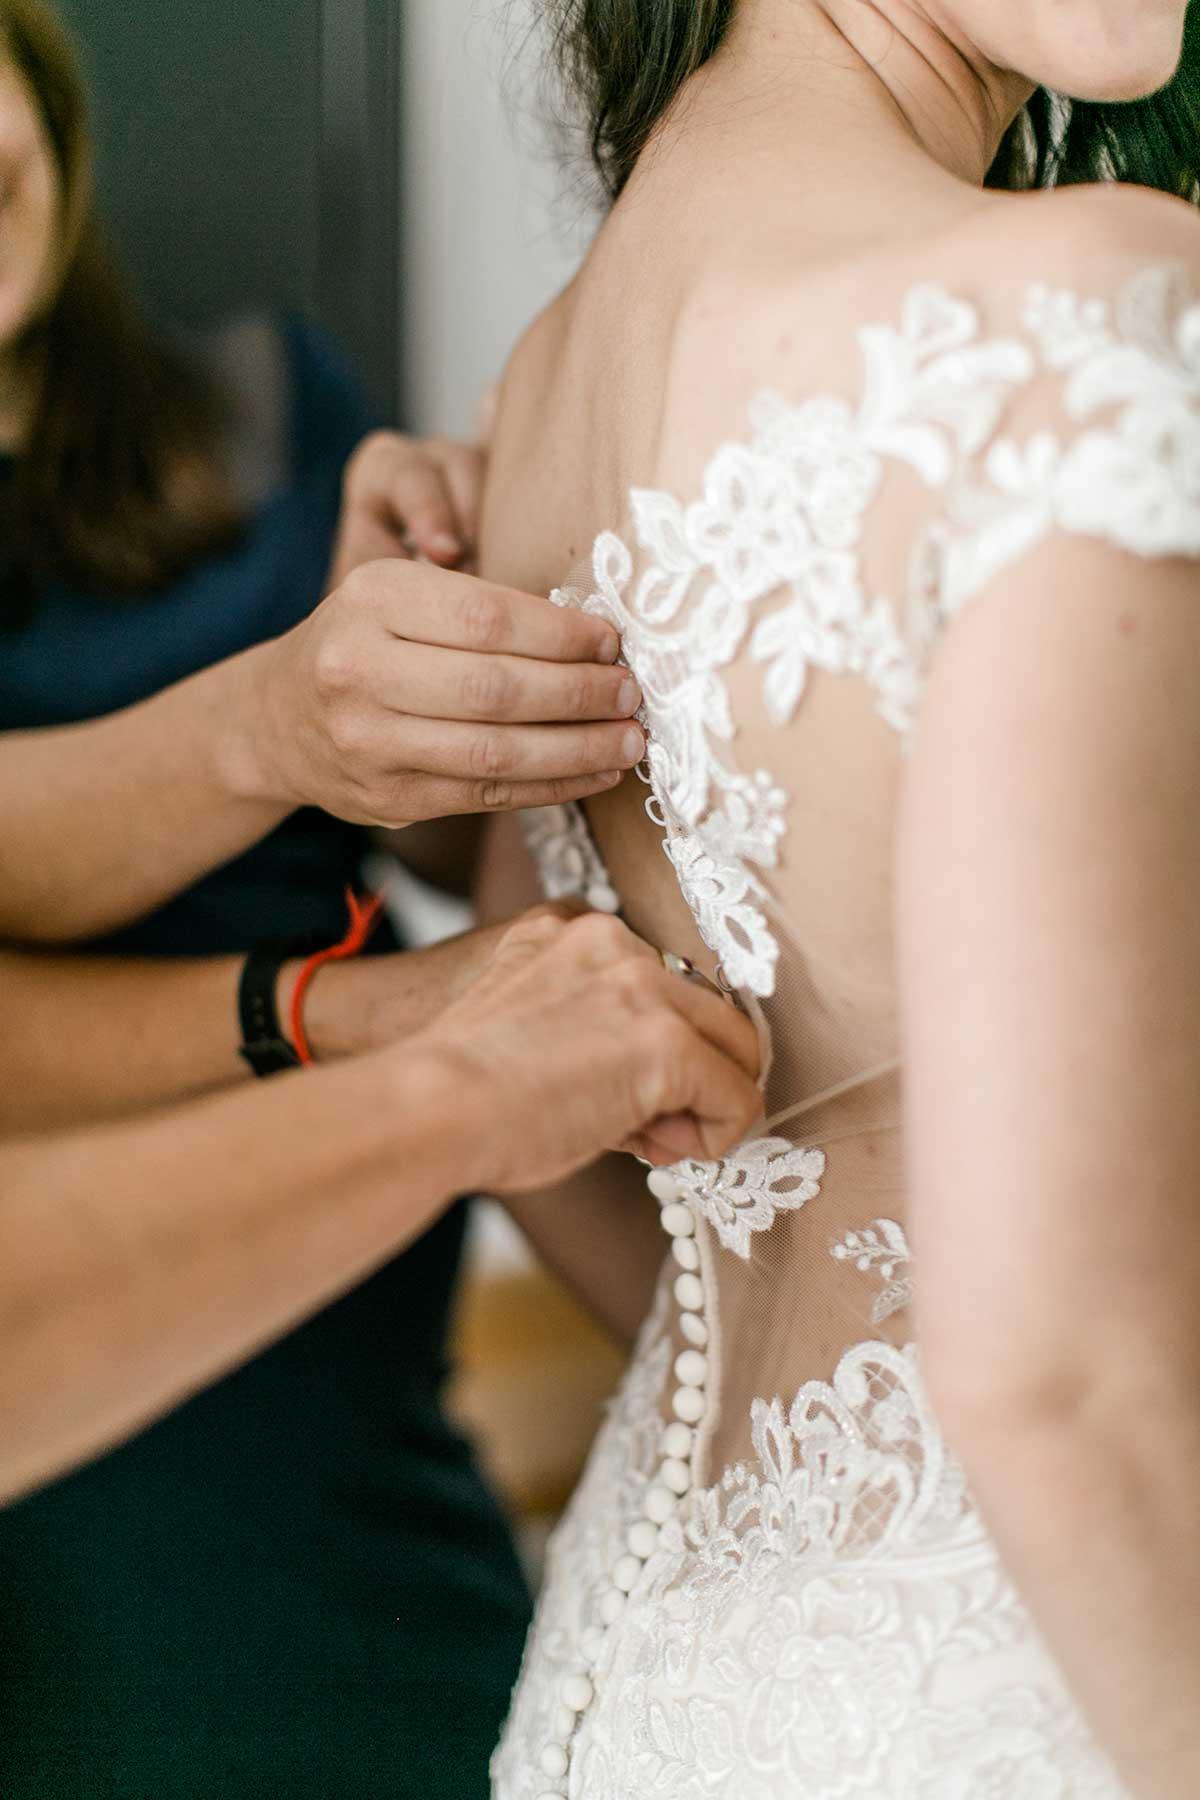 Braut bekommt das Brautkleid zugeknöpft